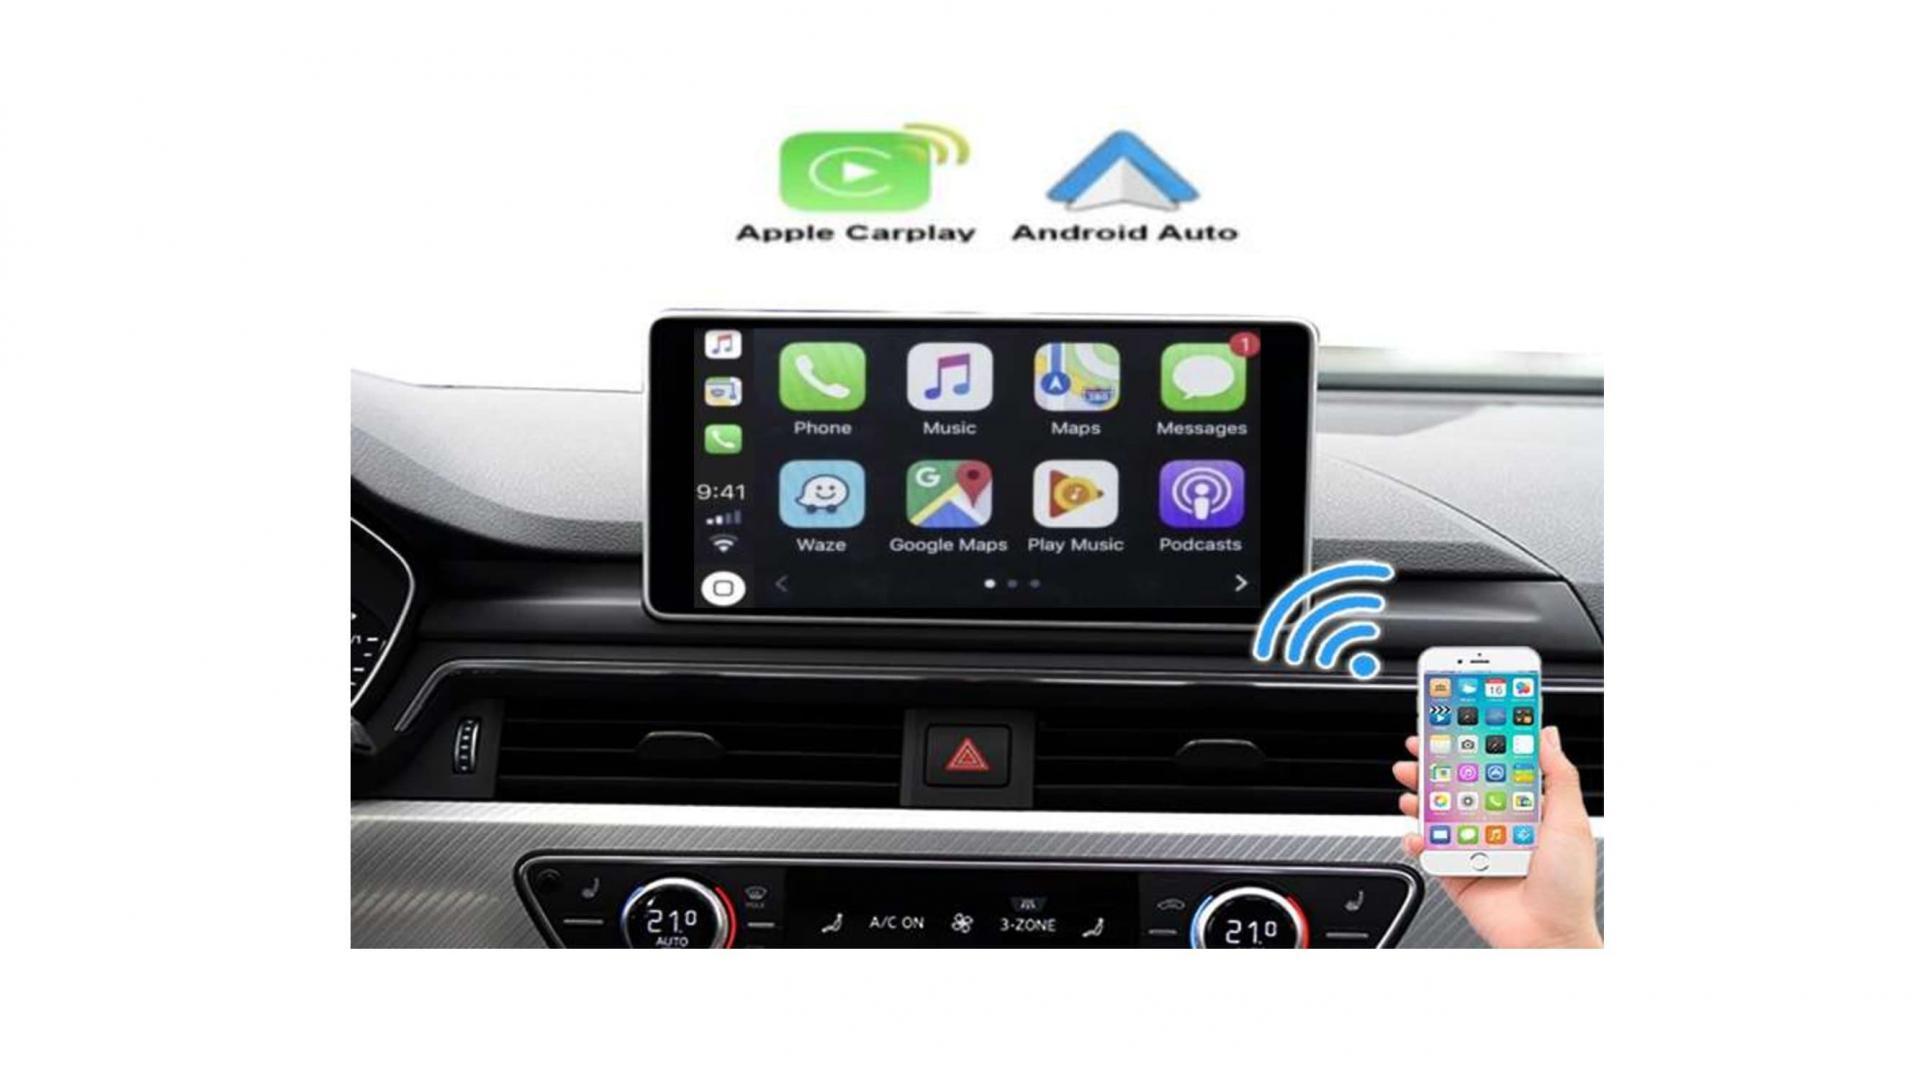 Android auto audi a3 audi a4 a5 peugeot renault megane4 mercedes mmi peugeot opel toyota camera de recul commande au volant ipod tv dvbt 3g 4g pas cher wifi poste usb sd tnt 2 din